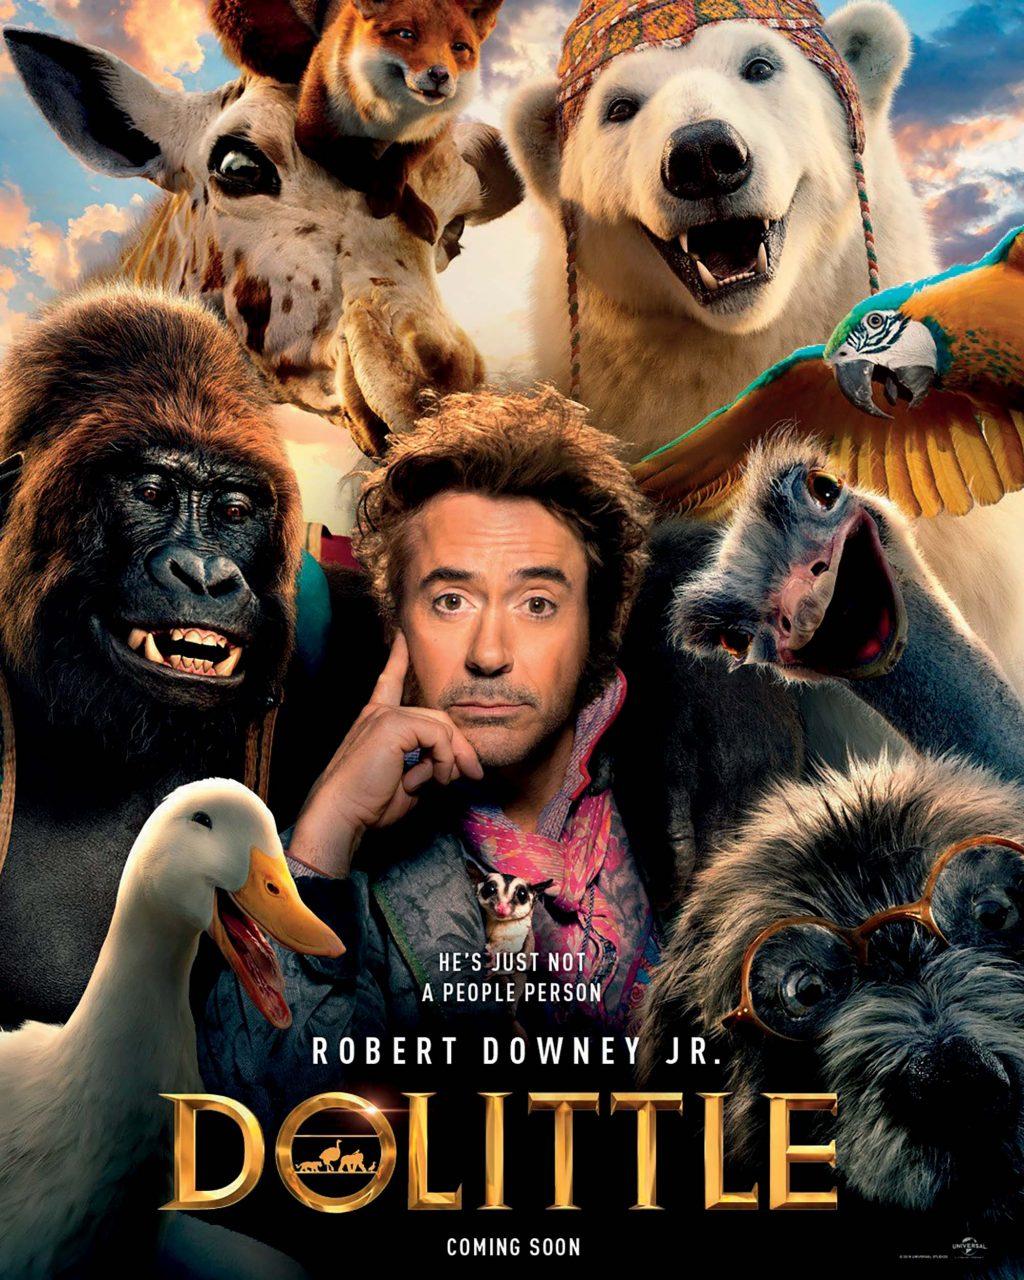 phim chiếu rạp bác sĩ Dolittle